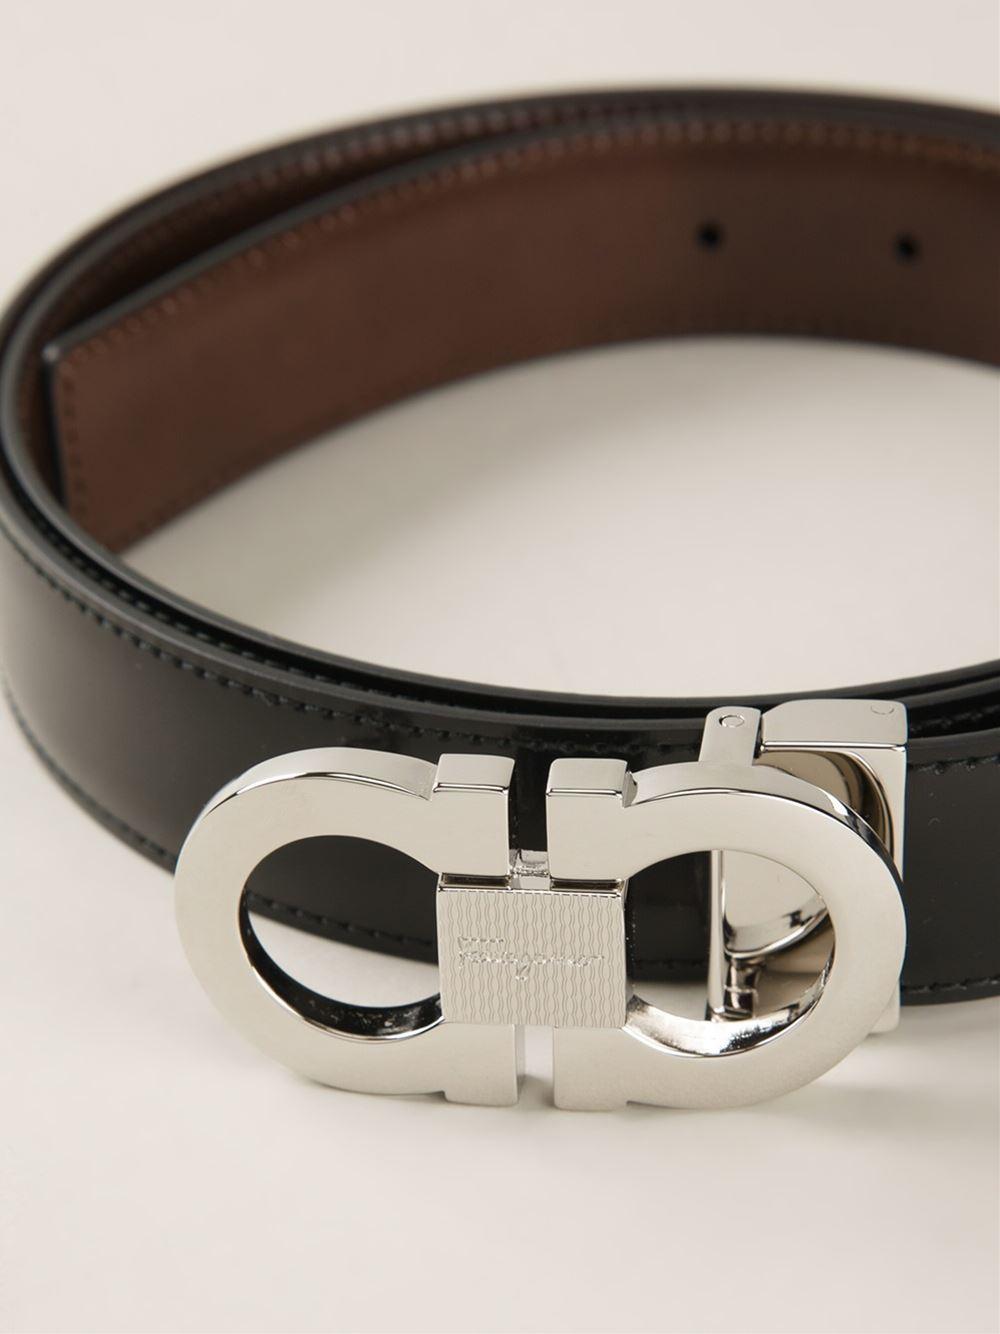 Ferragamo Gancini Buckle Belt in Black for Men - Lyst